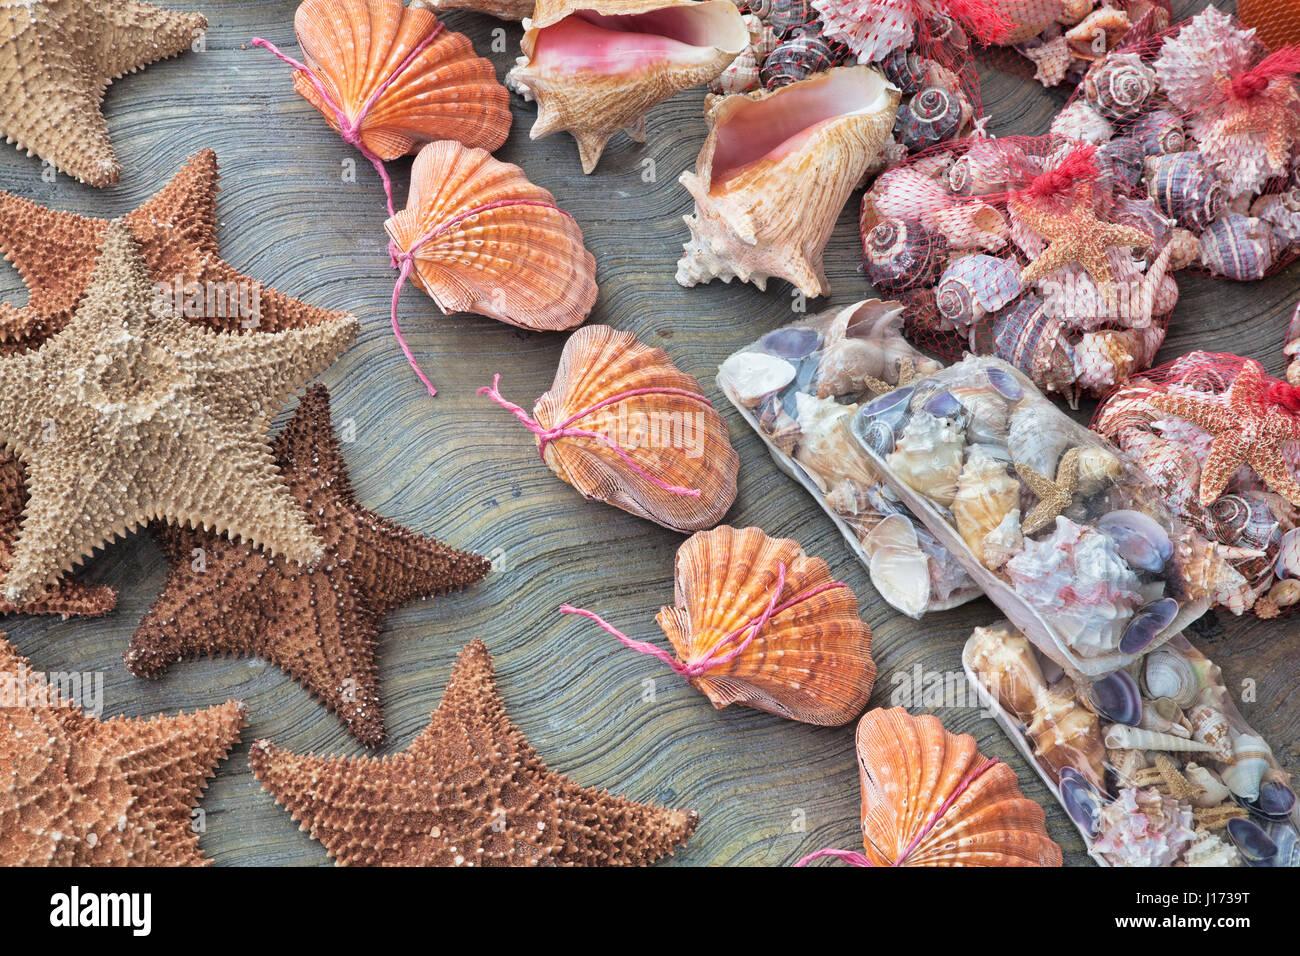 Hermoso recuerdo conchas para vender en Cancún México Foto de stock